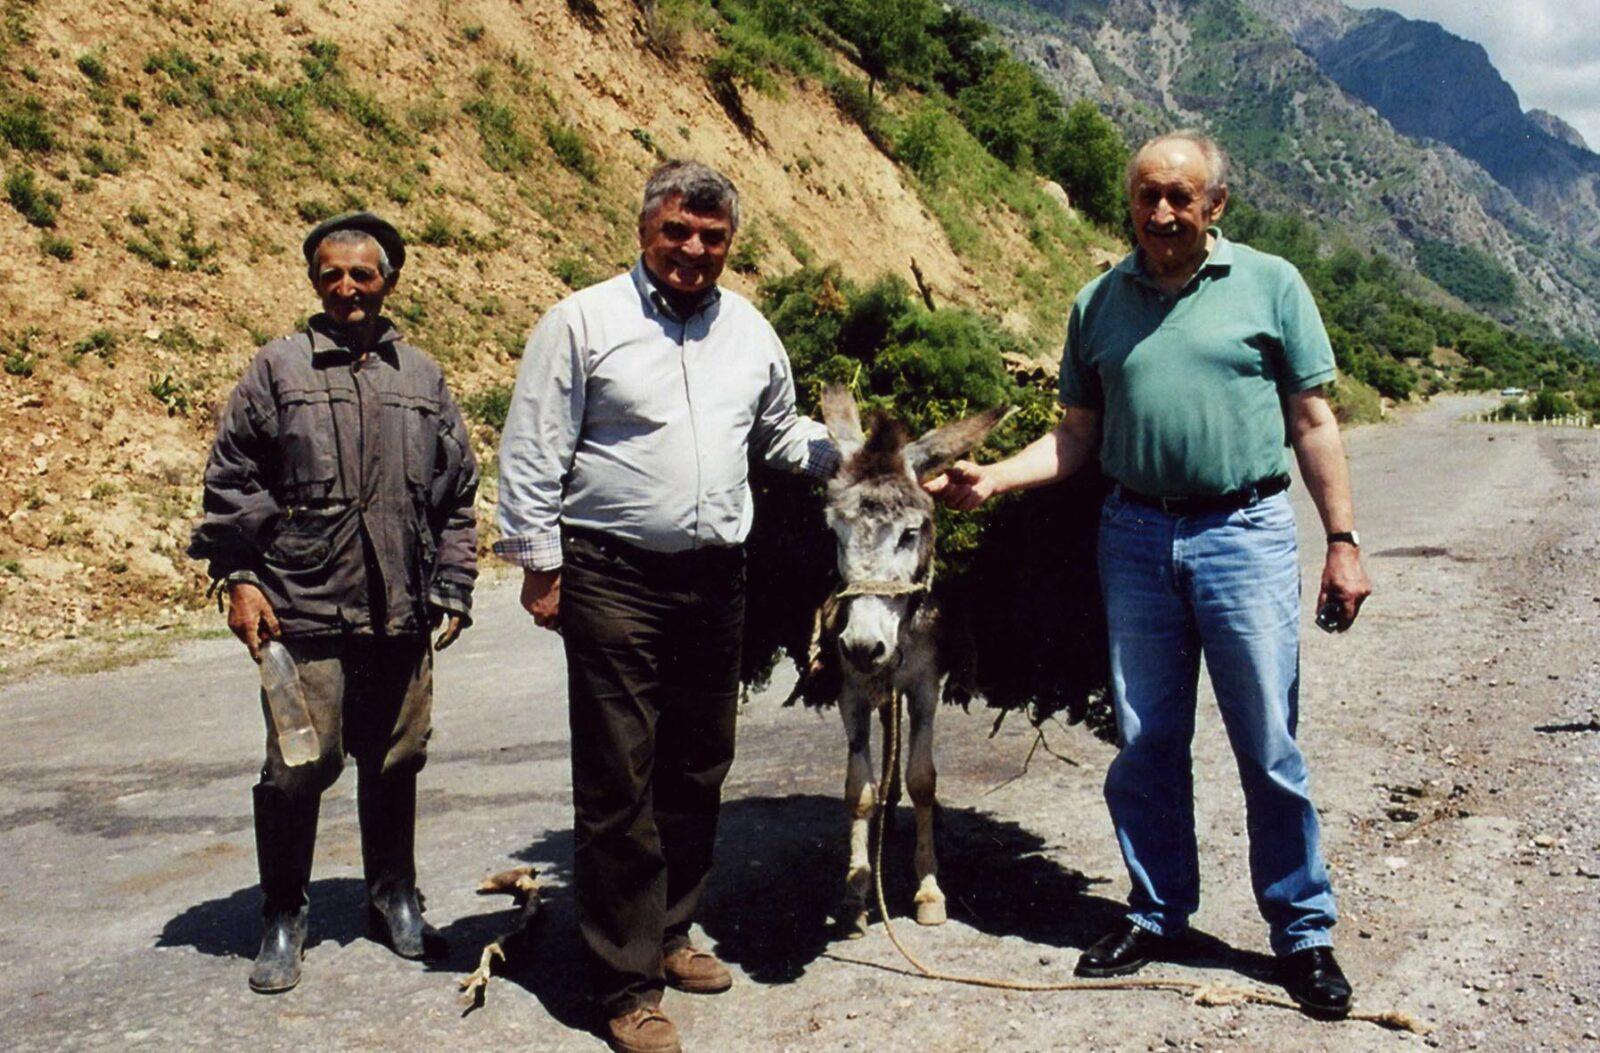 Вольфганг Шрайбер: 20 лет работы в Узбекистане для развития сильного гражданского общества